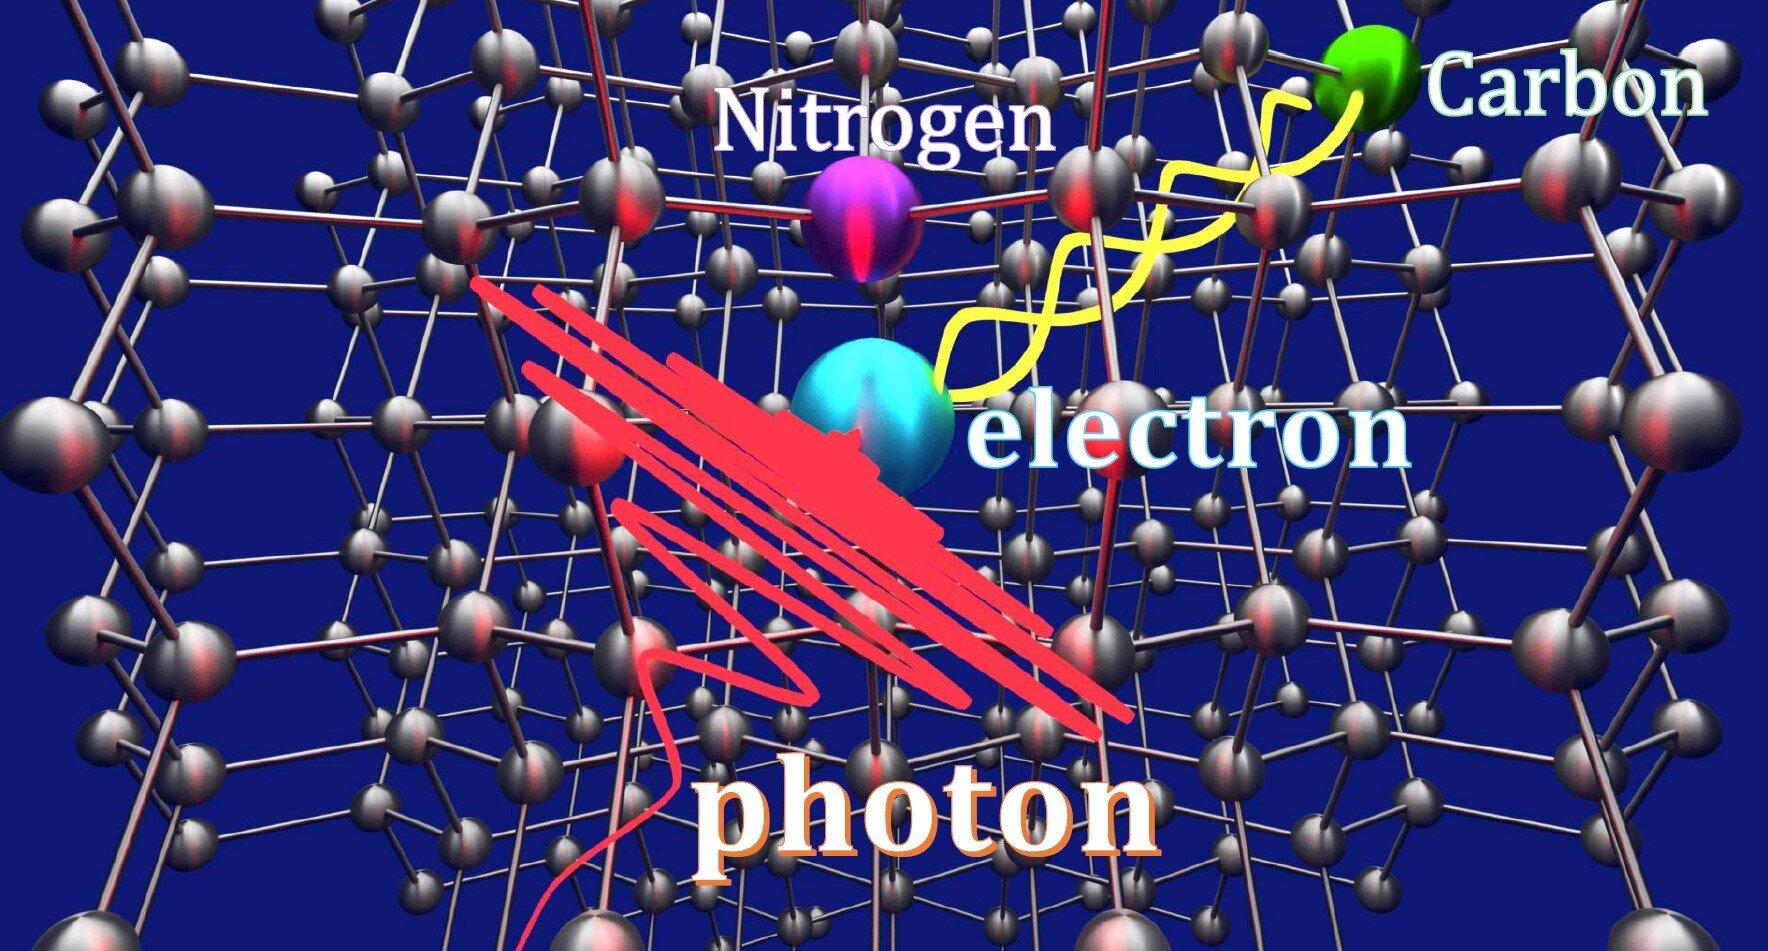 En la imagen se aprecia el isótopo de carbono (en verde) enredado con un electrón (azul) y un fotón (en rojo) que es absorbido por el electrón y lleva la información del fotón a la memoria del carbono mediante la teleportación cuántica. Crédito: Universidad Nacional de Yokohama.